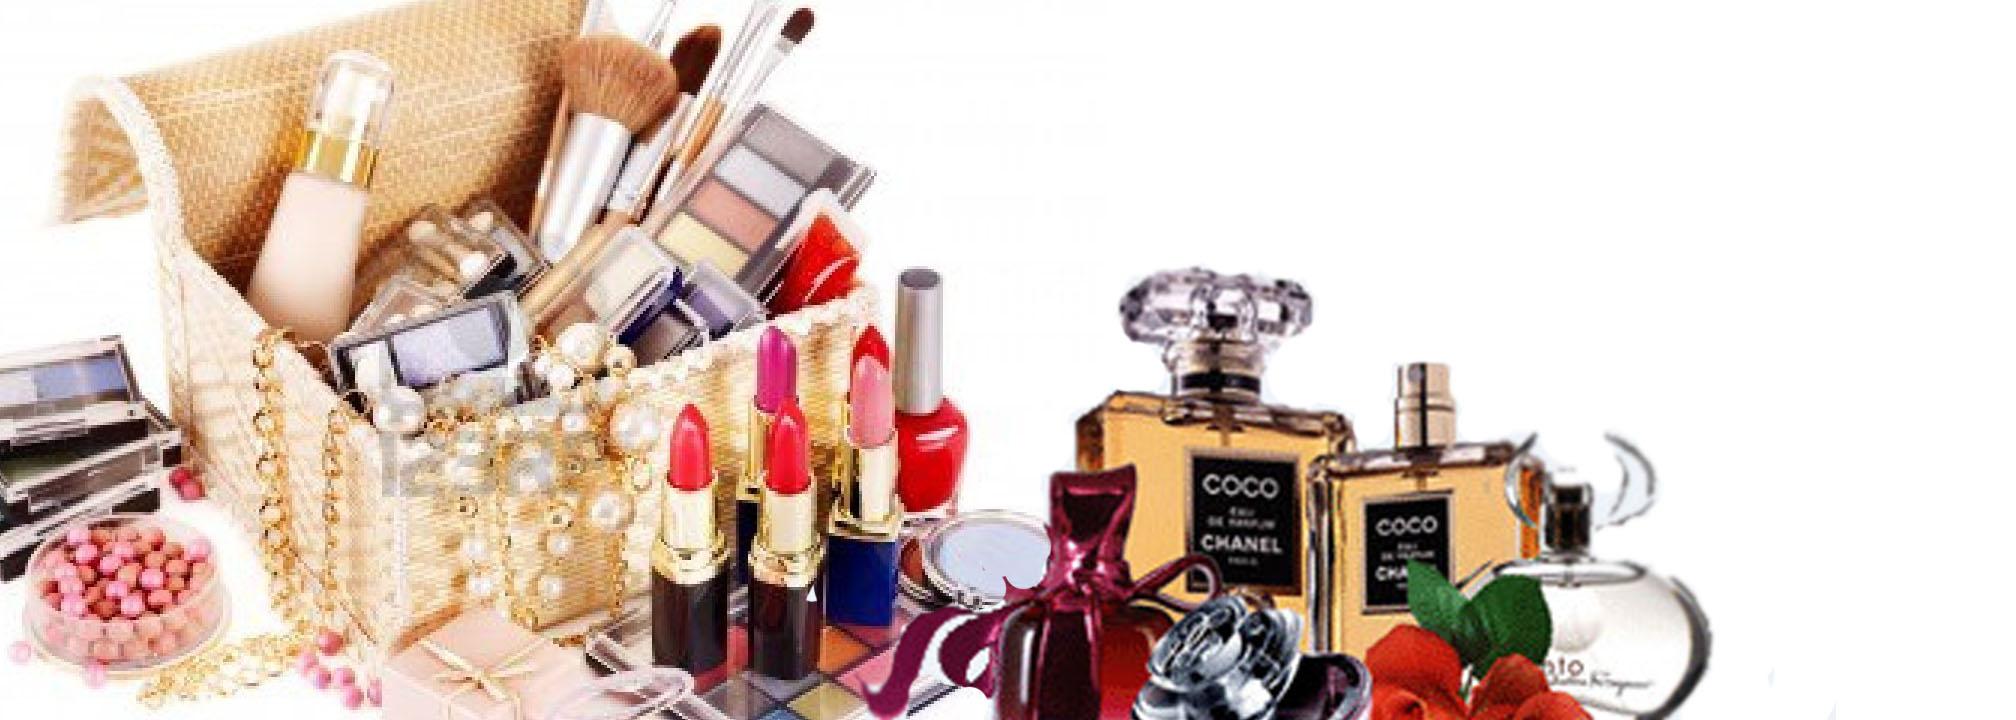 Сбор заказов. Орг сбор всего 10%. Teegee - парфюмерия класса luxe от 499 руб, духи с феромонами, маслянные духи пр-ва ОАЭ, брендовая косметика по низким ценам а так же товары для красоты и здоровья! Покупаем выгодно!